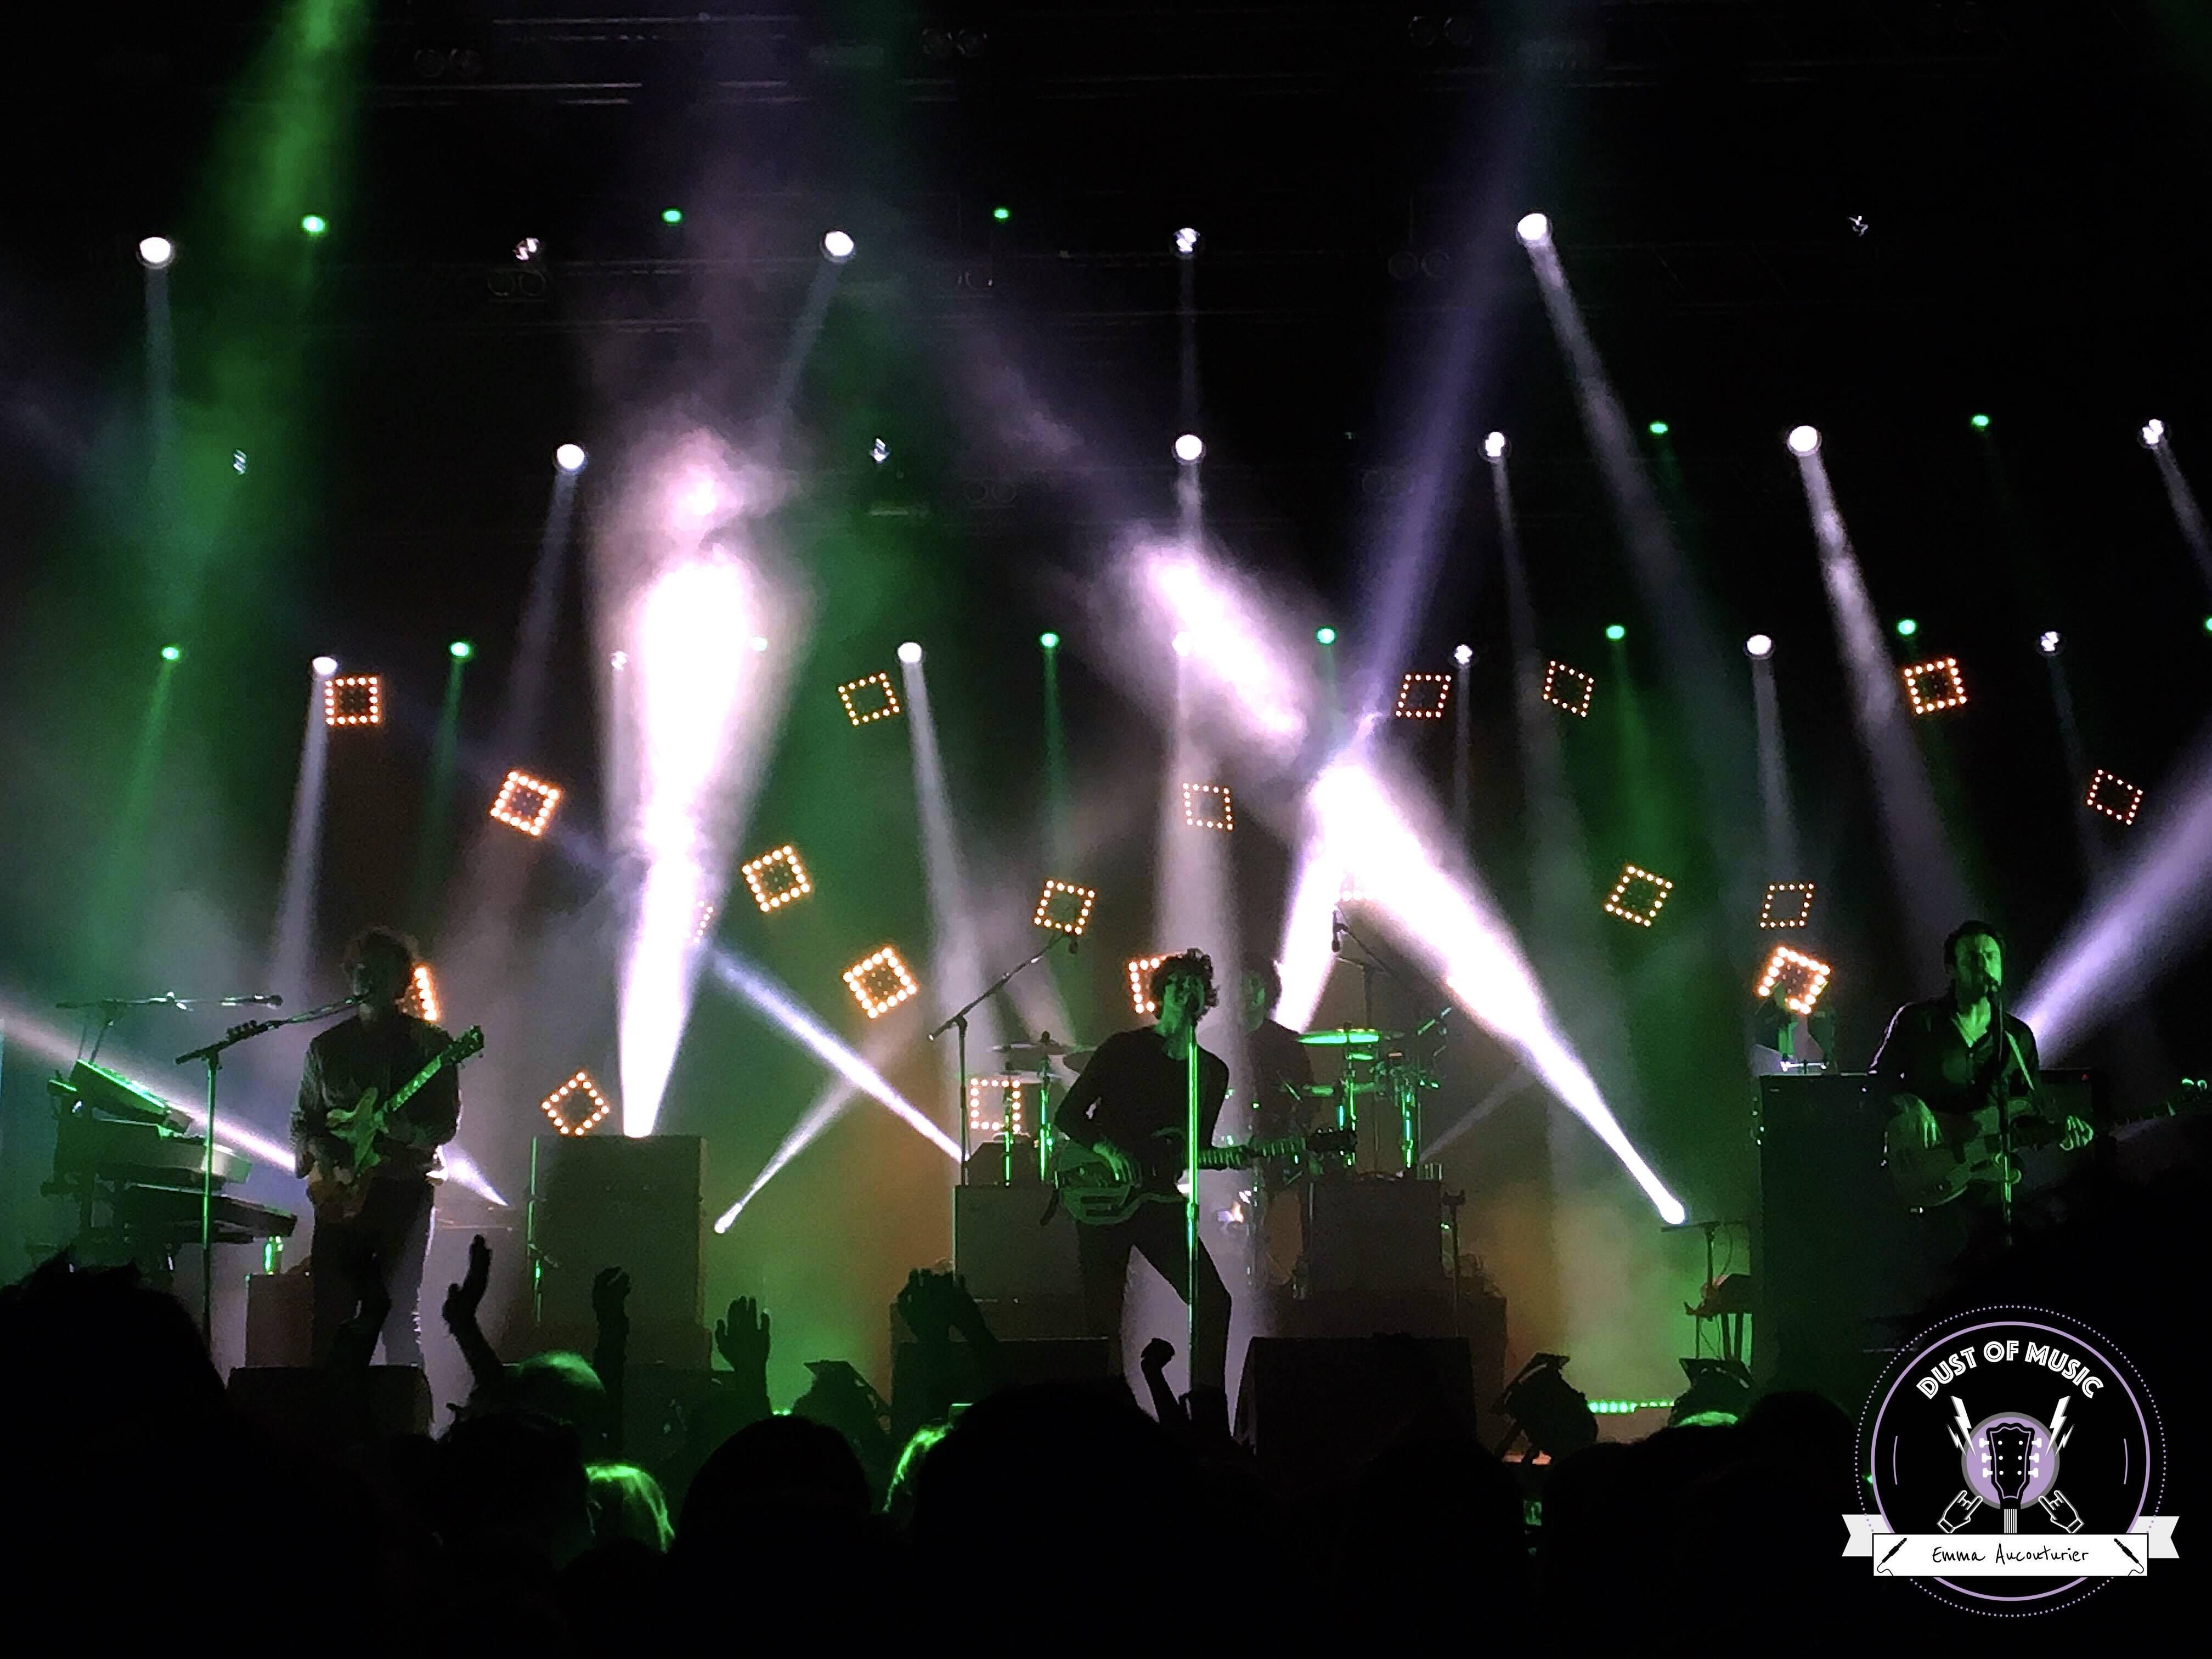 The Kooks à Prague : un concert à la nostalgie joyeuse et insouciante.6 min de lecture